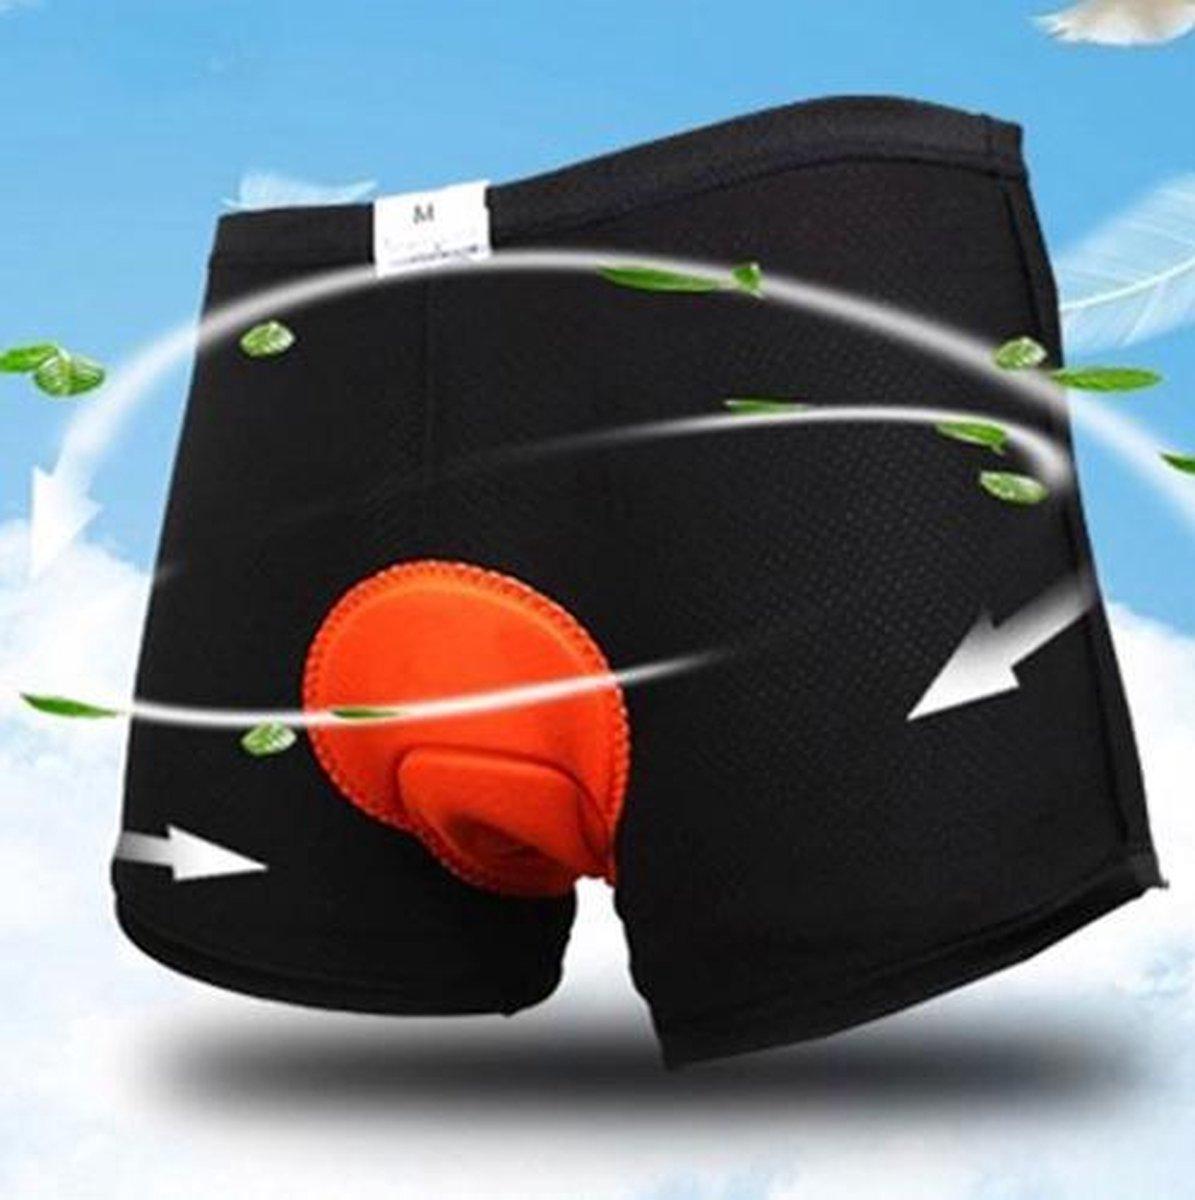 Fiets onderbroek met zeem - unisex-XL